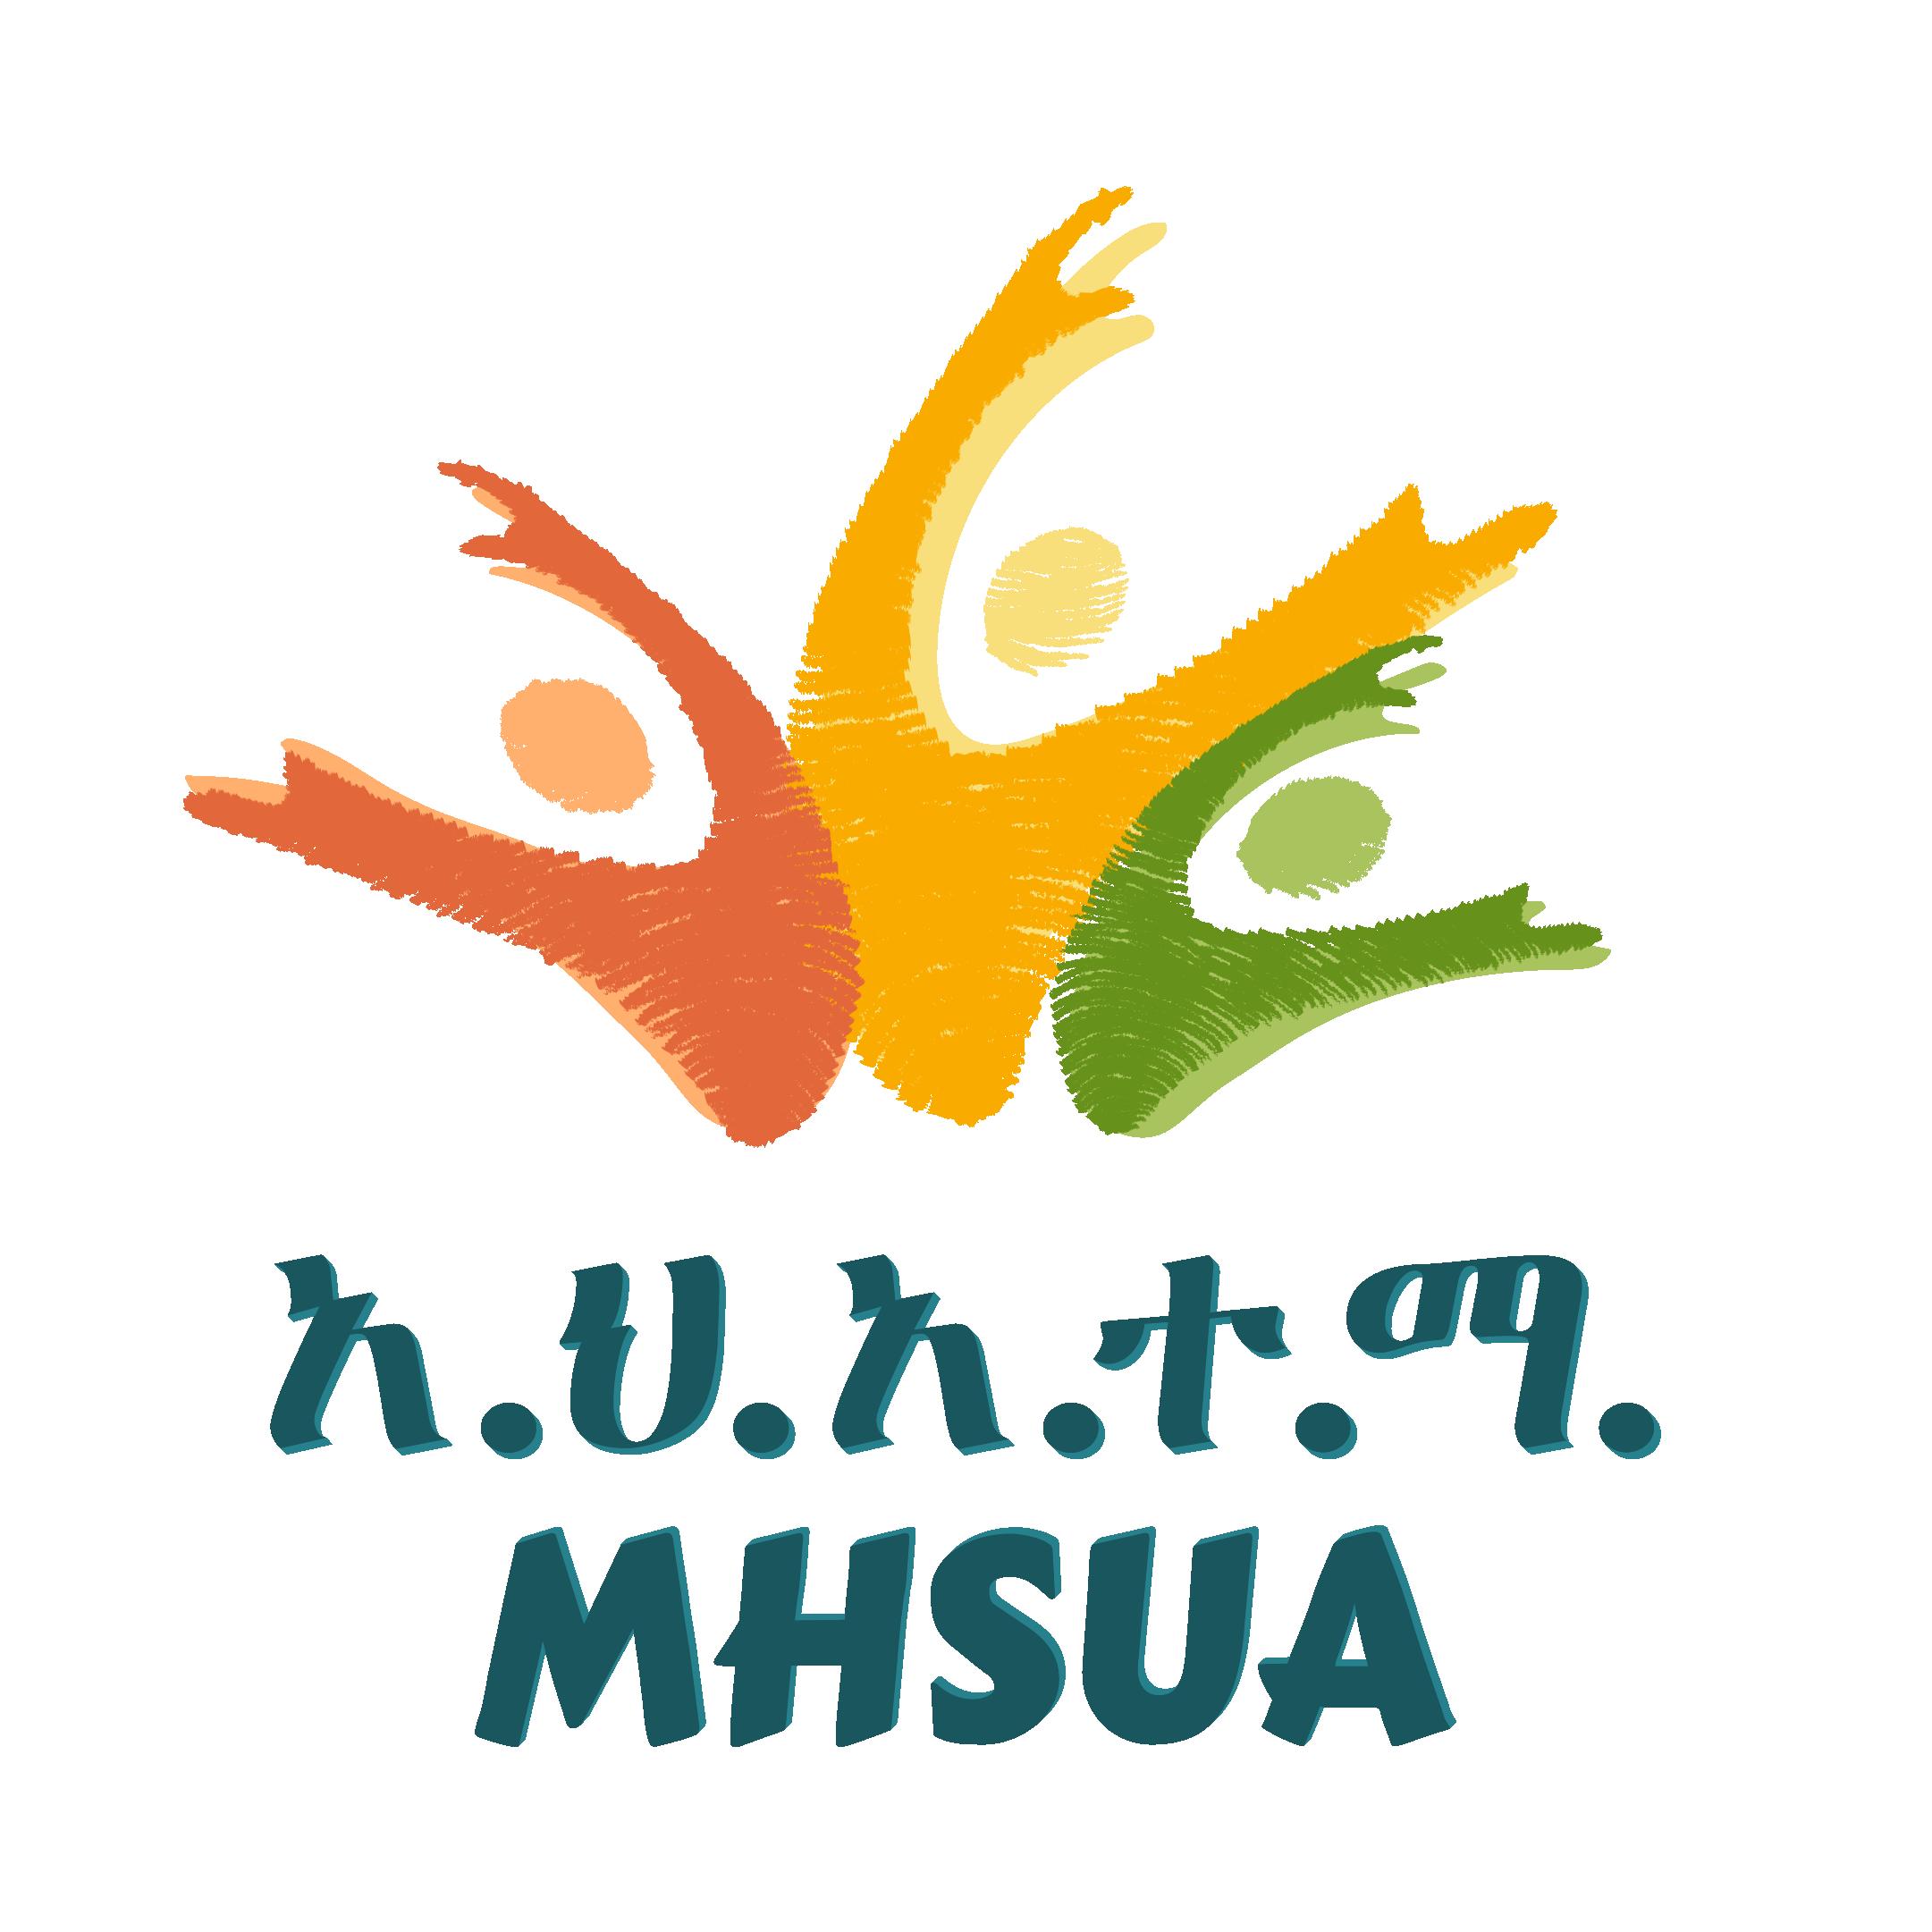 MHSUA brand identity